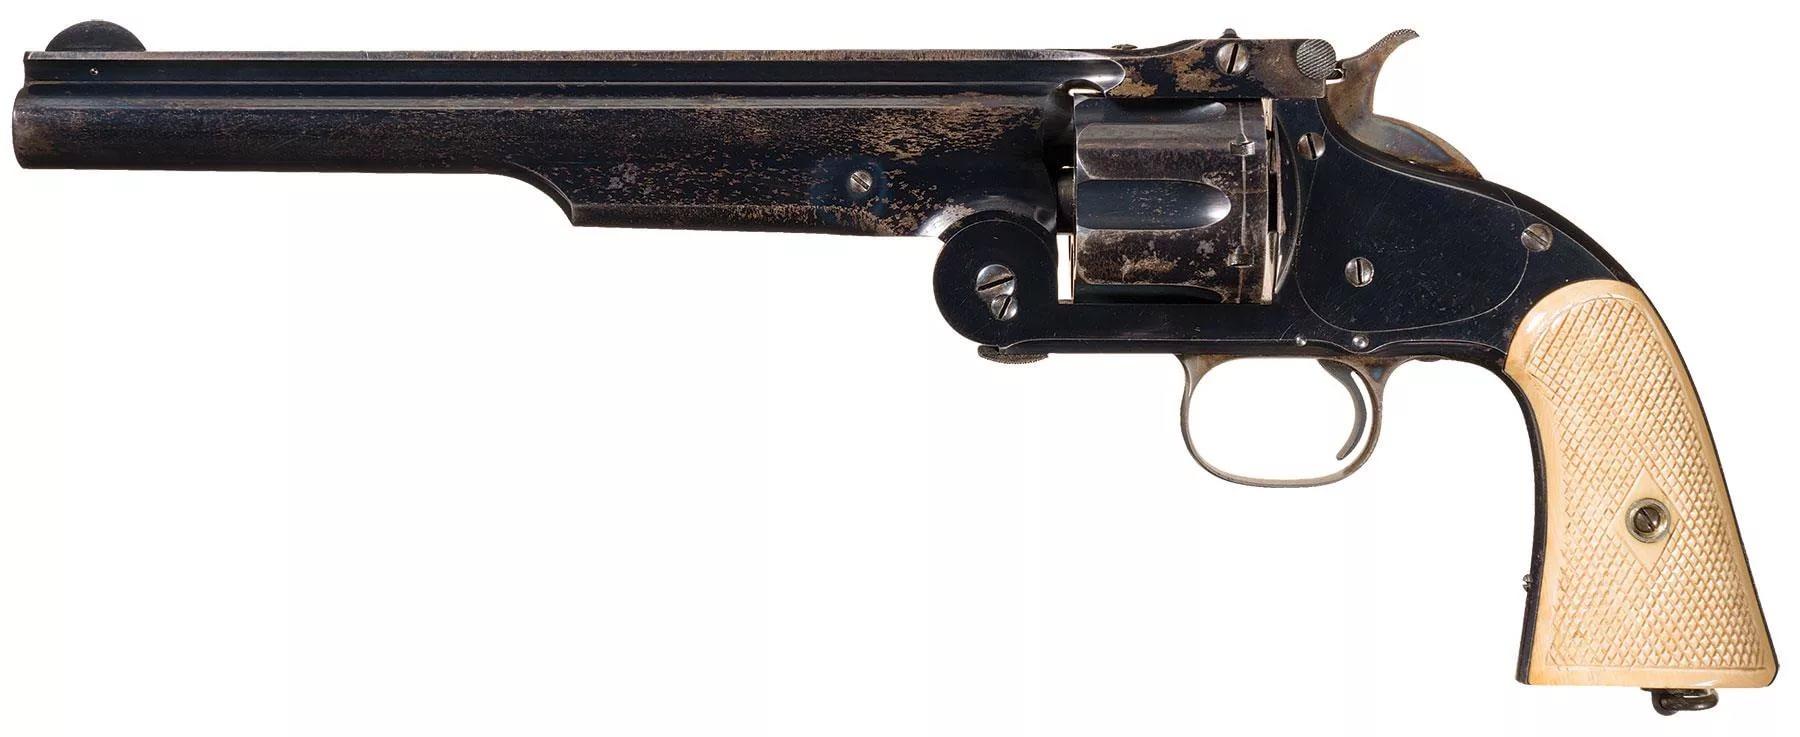 10,67 мм. револьвер Смит-Вессон.